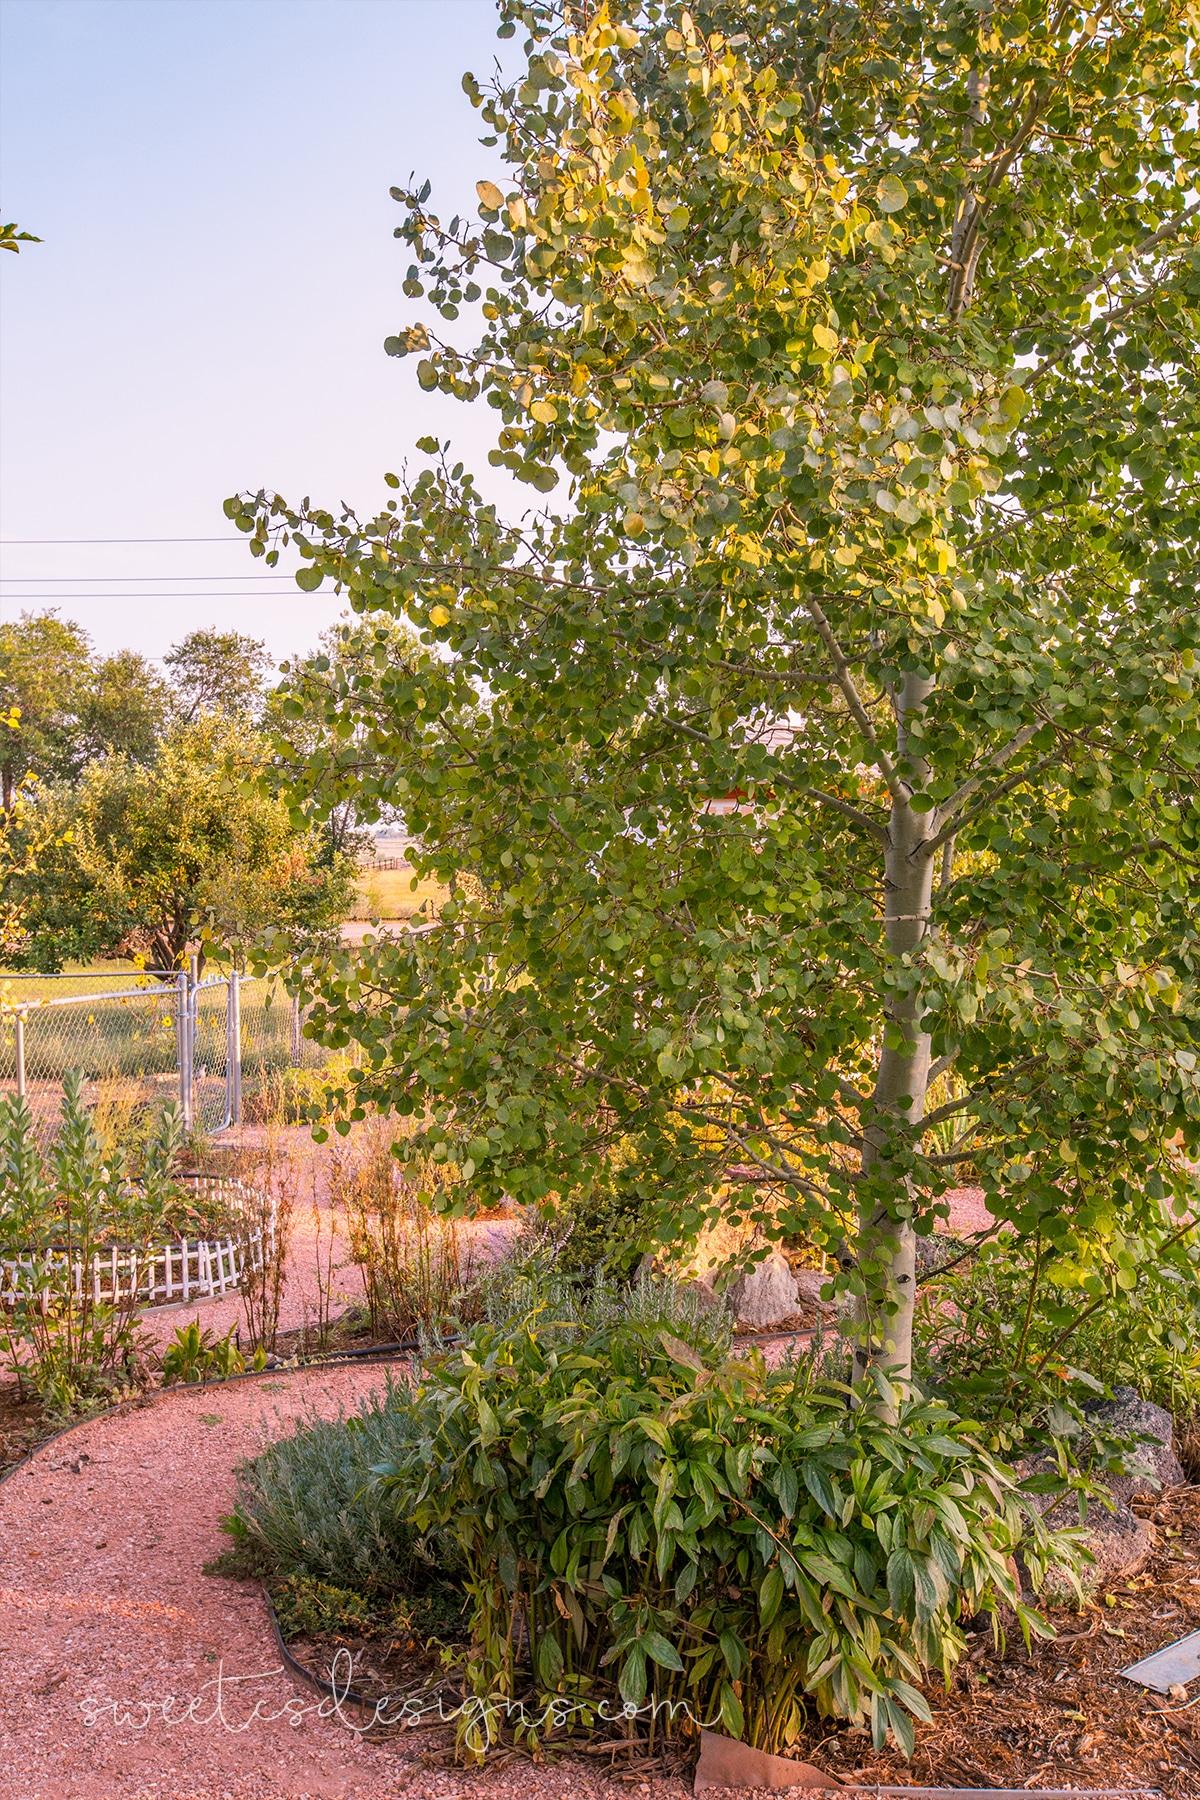 odell garden